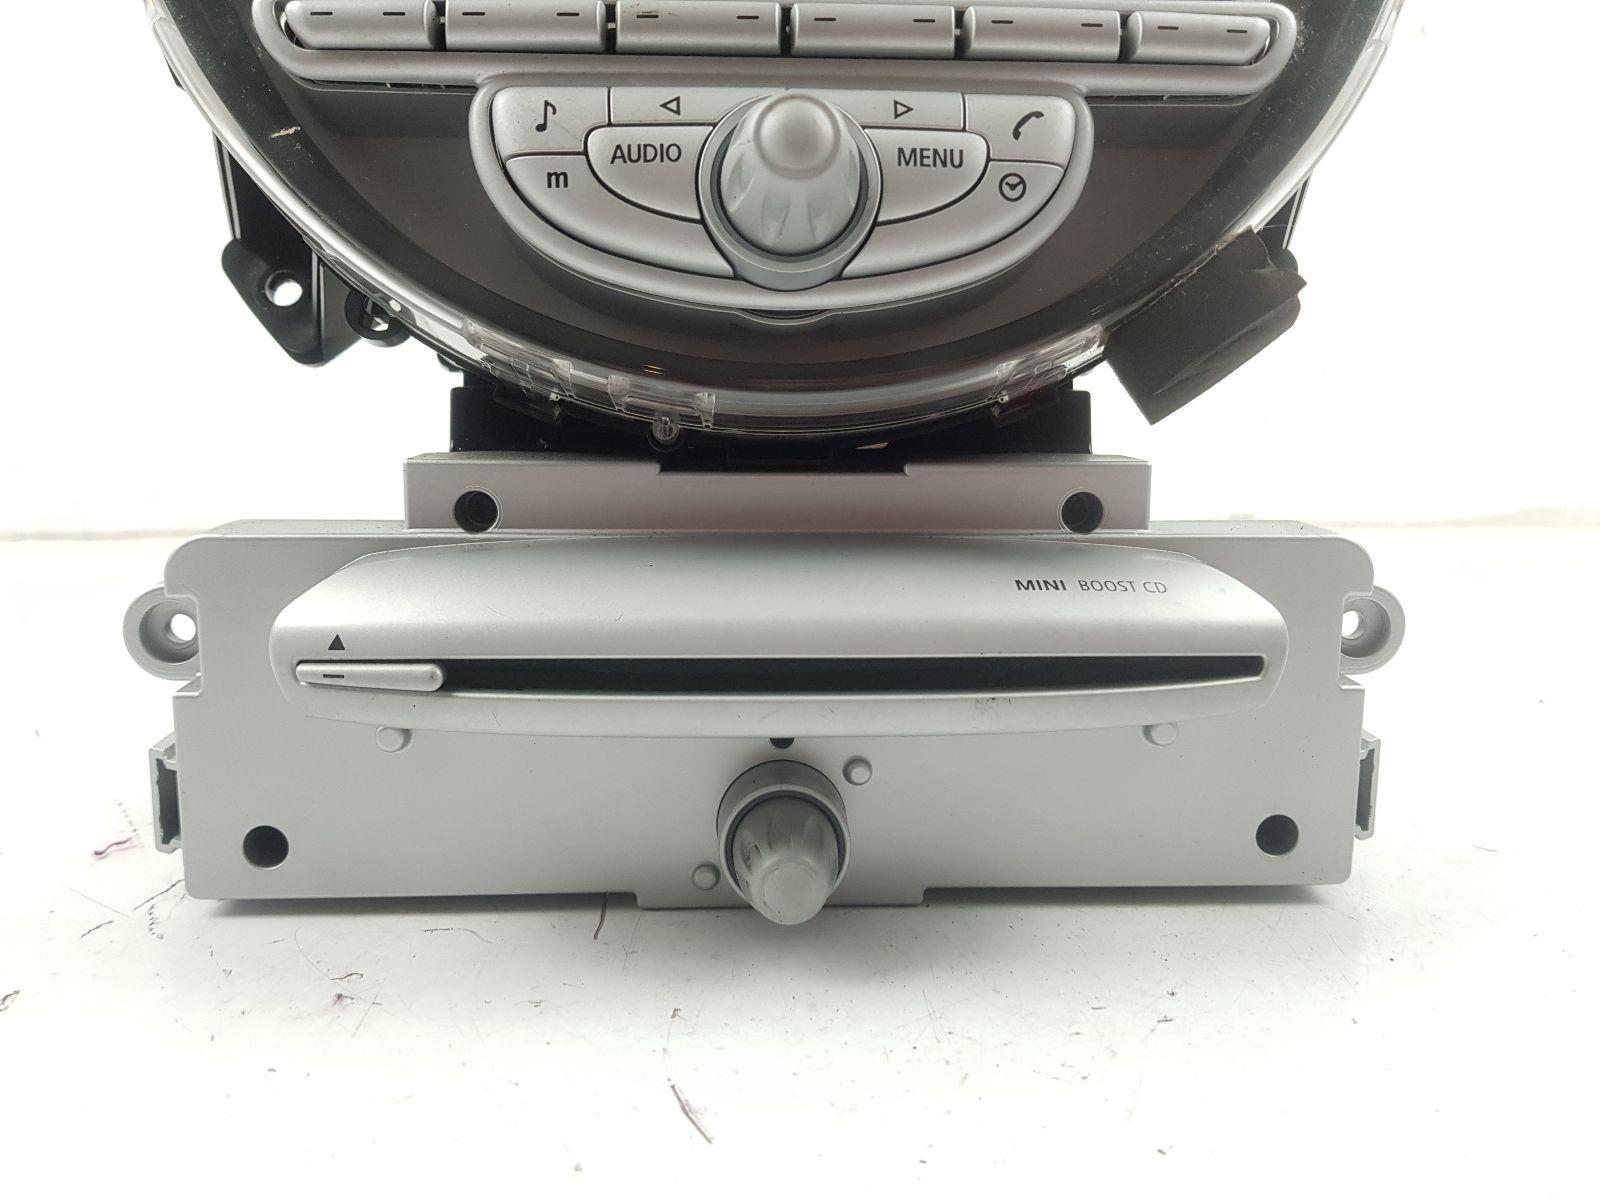 ... 2007-2014 R56 Mini Cooper RADIO CD PLAYER + Speedometer 6512345363401  ...